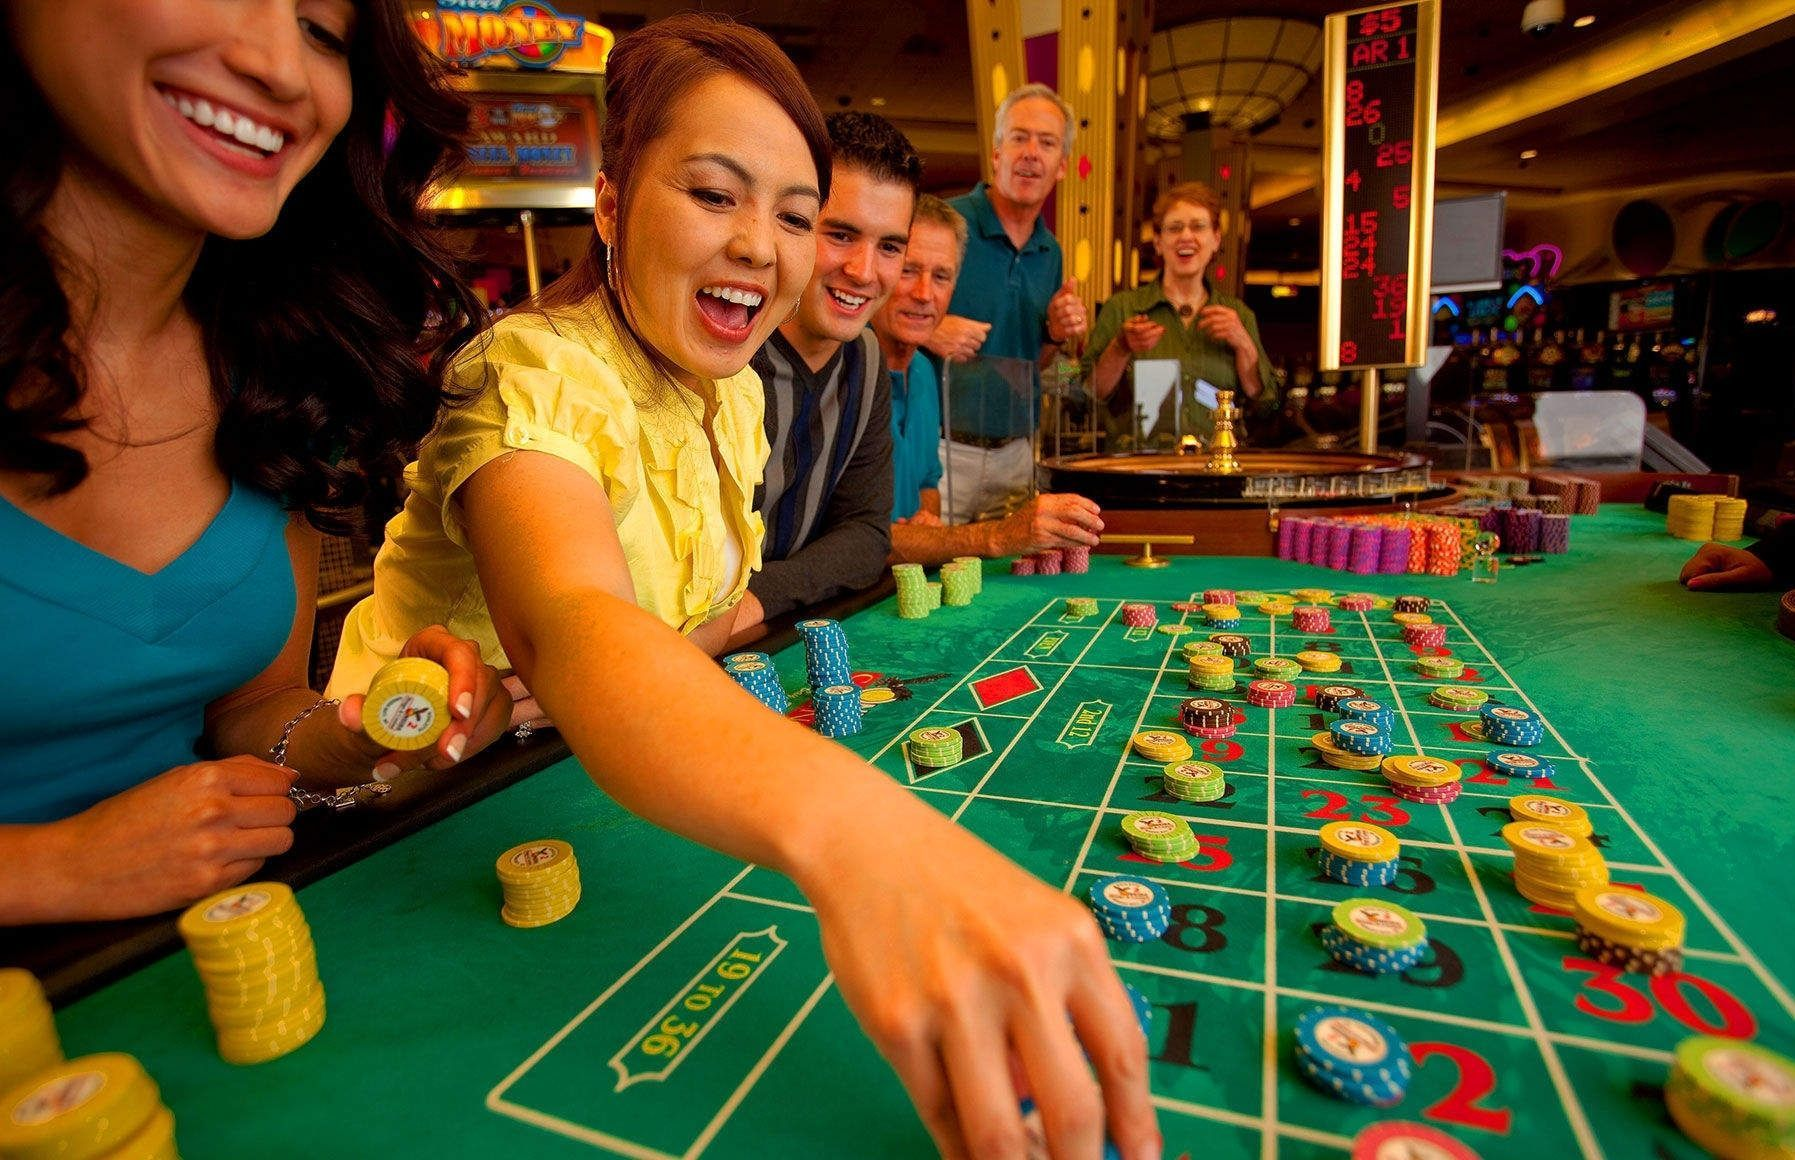 Топ 10 казино онлайн рейтинг лучших интернет контрольчестности рф